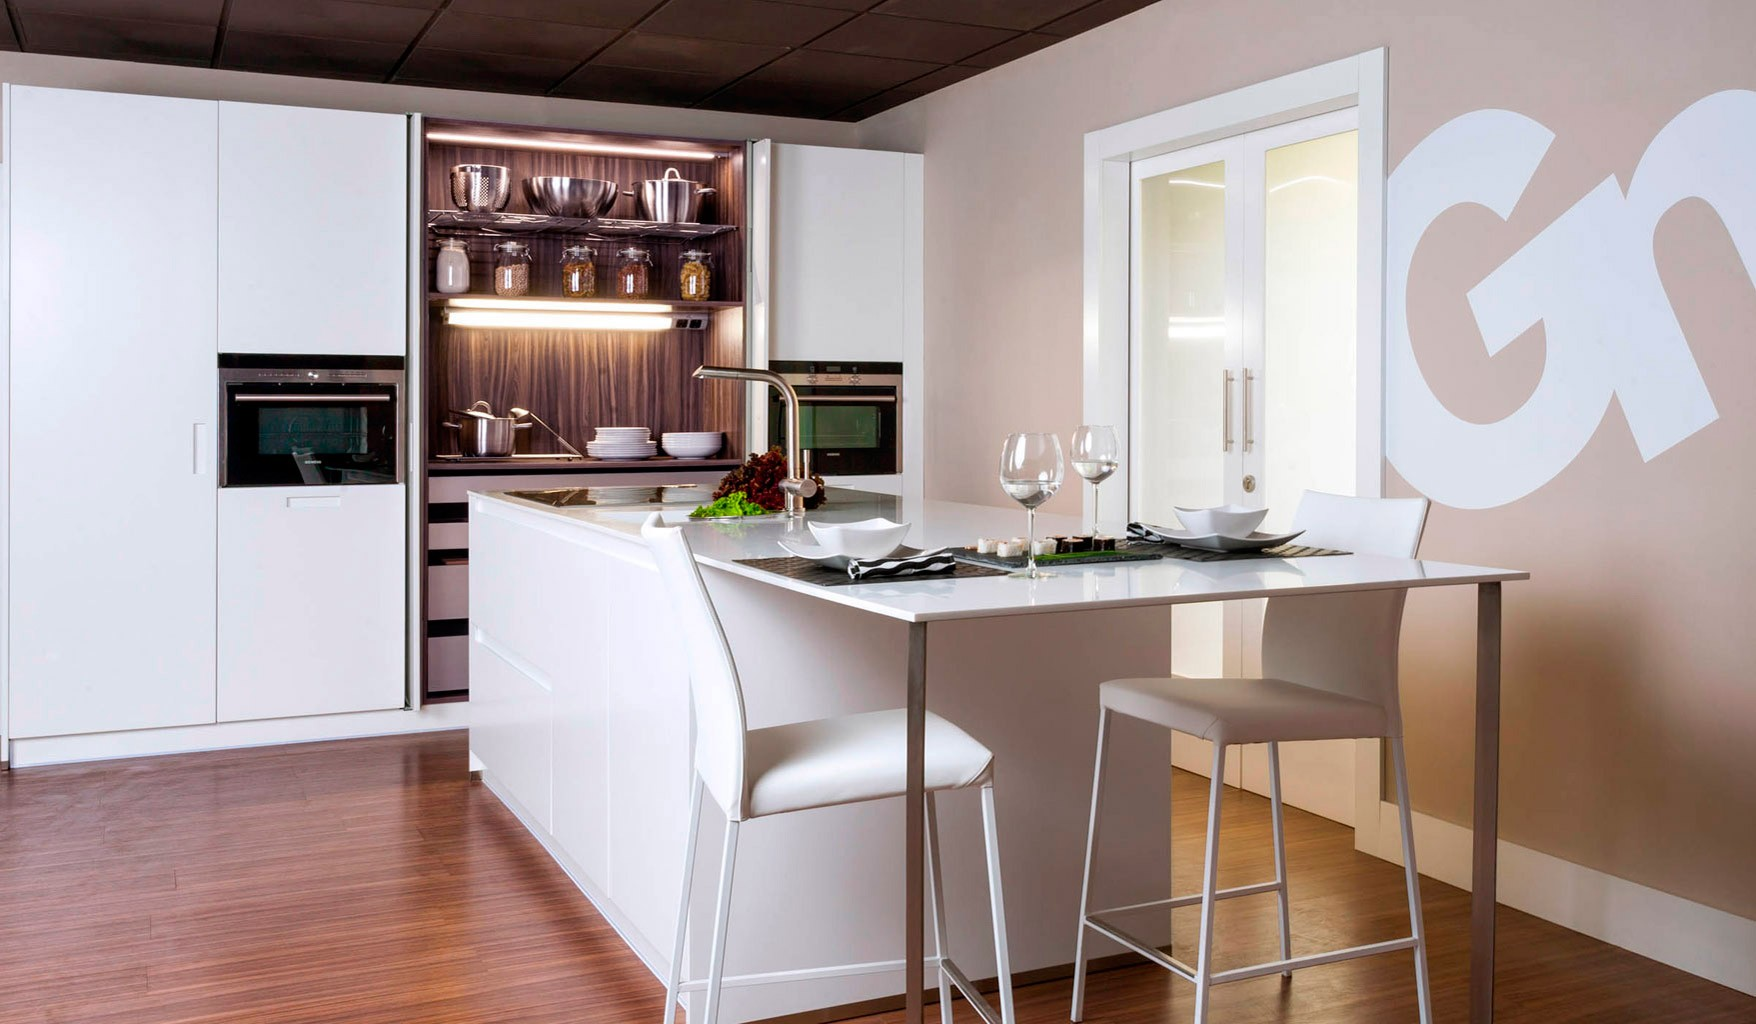 Acuario tienda de cocinas en collado villalba muebles for Muebles anticrisis collado villalba